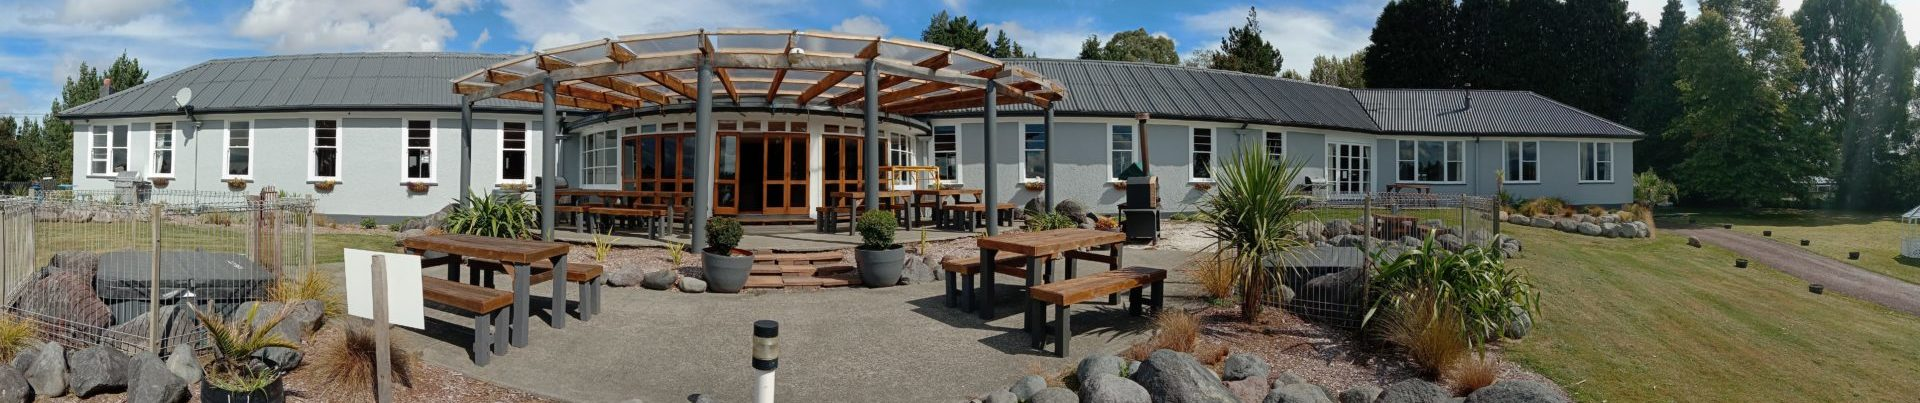 snowy waters lodge, retreat venue, corporate meeting venue